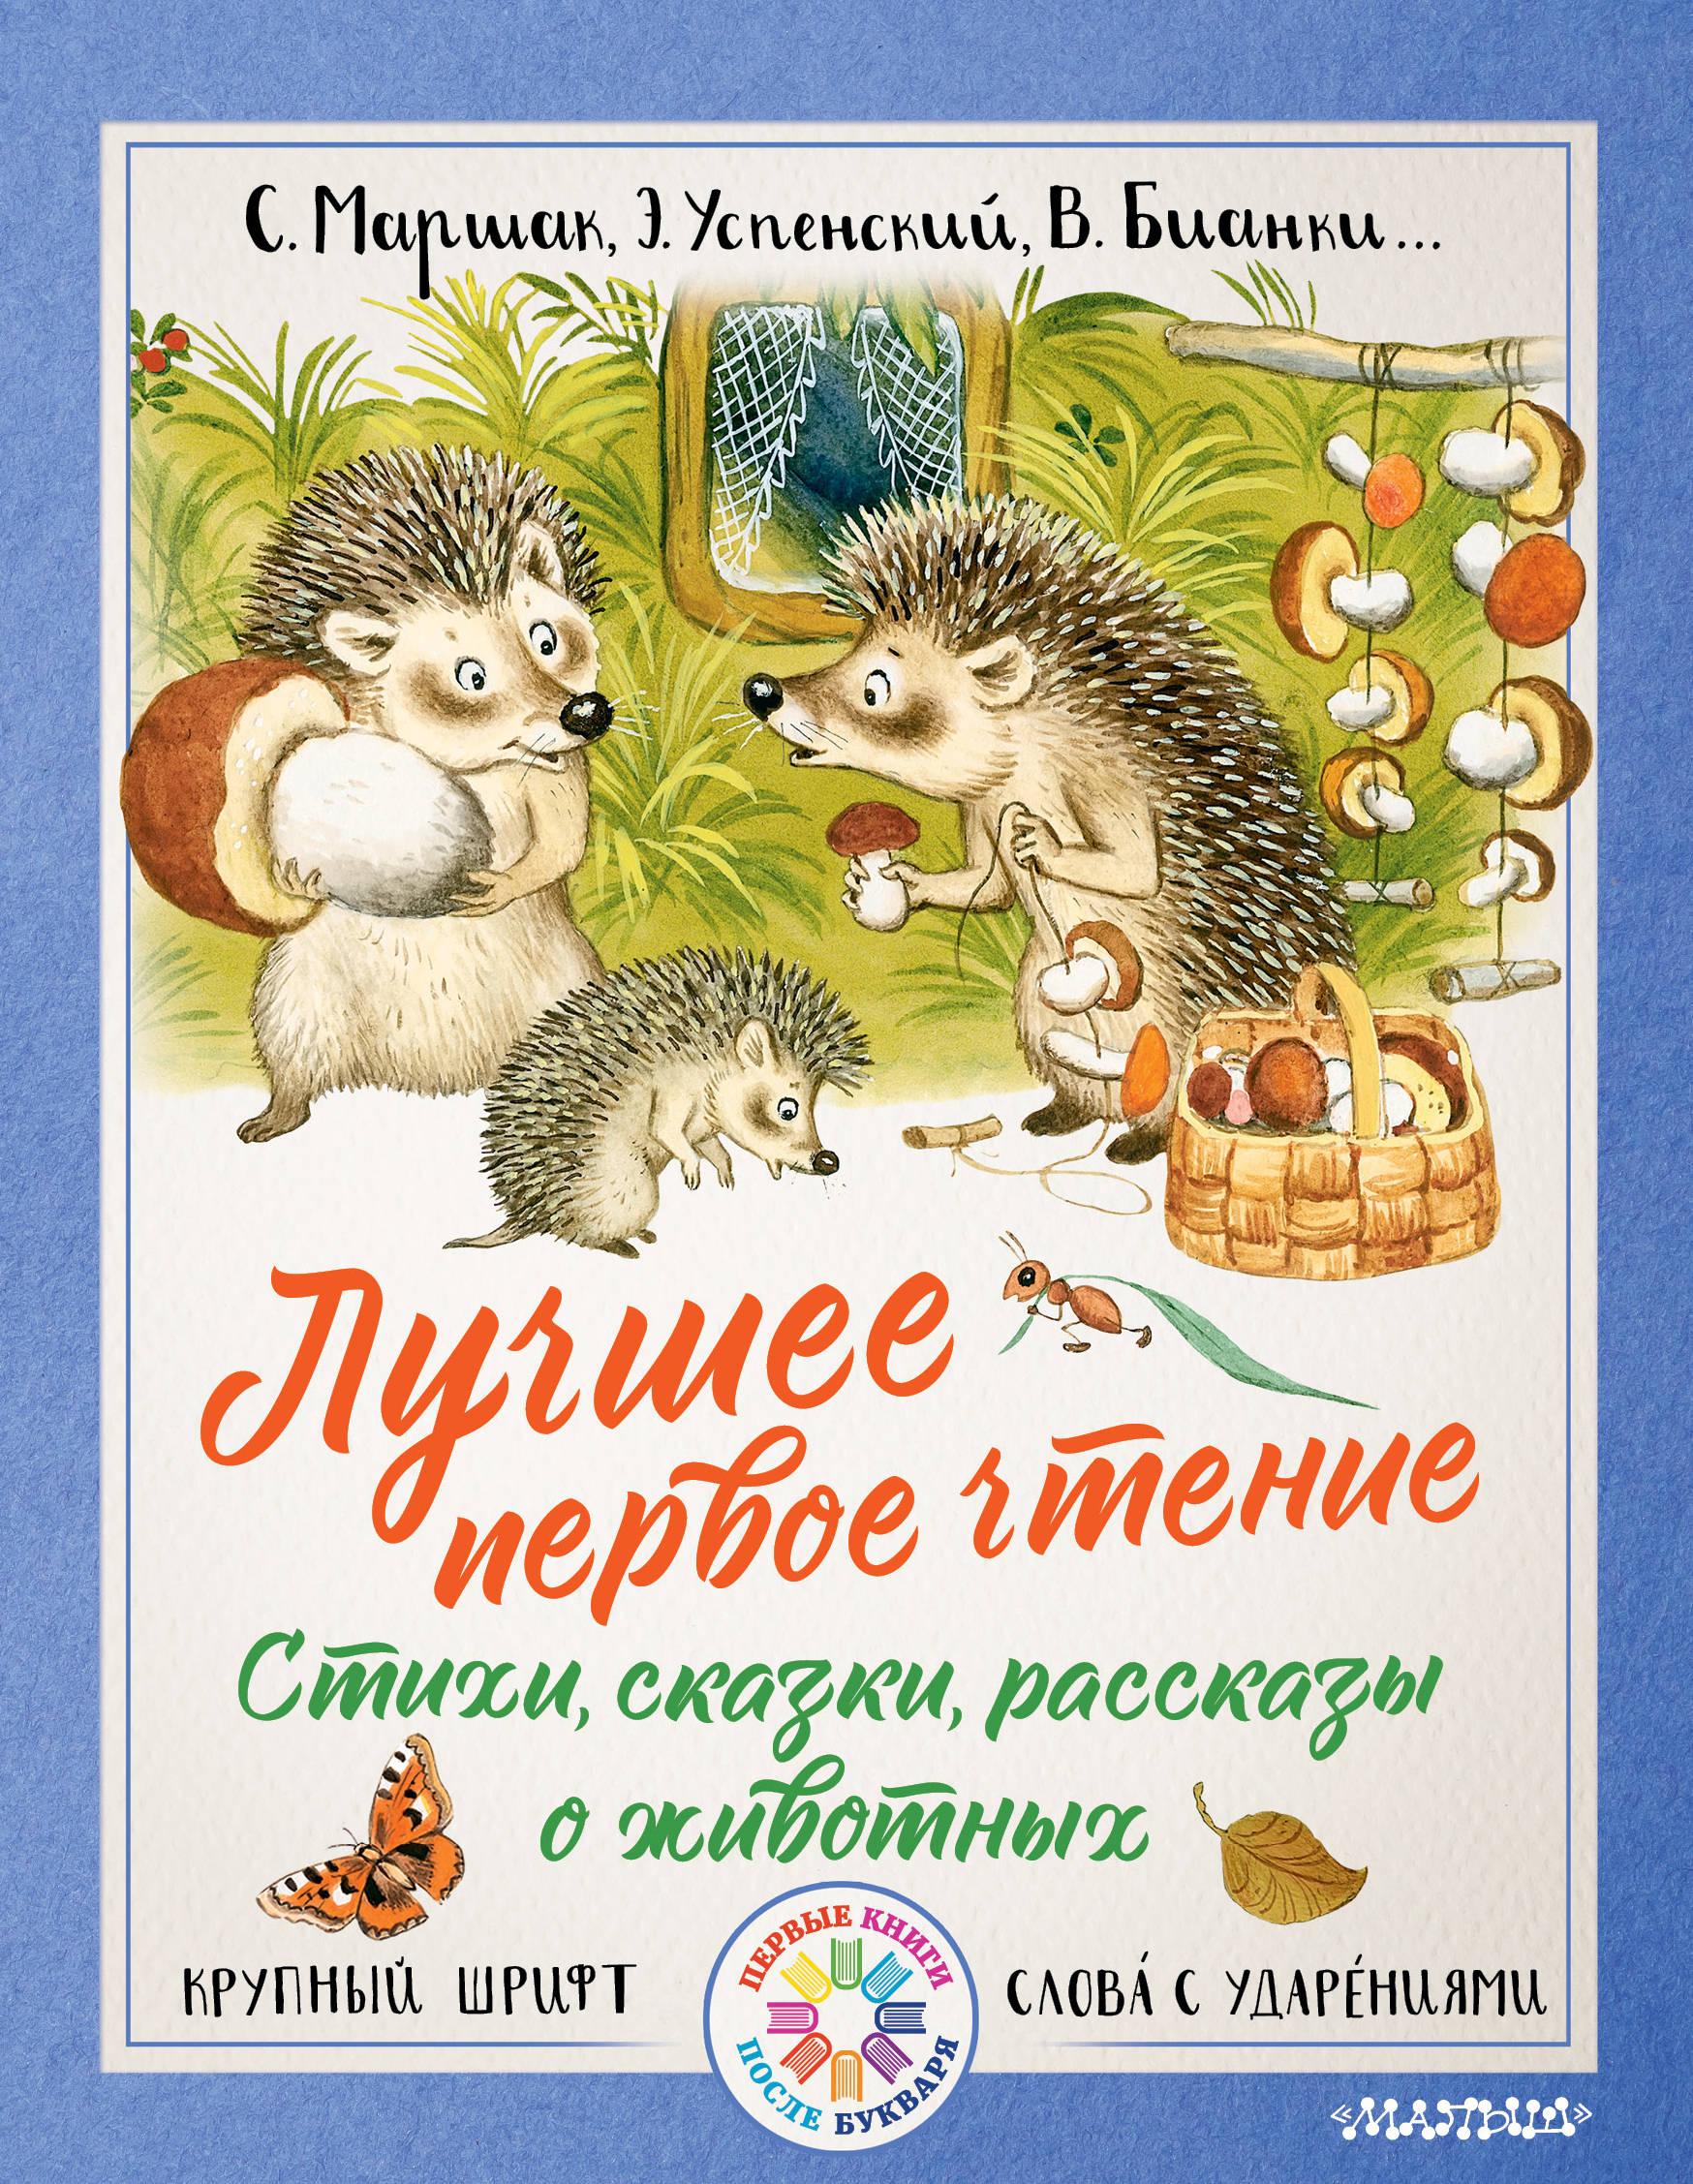 Лучшее первое чтение: Стихи, сказки, рассказы о животных